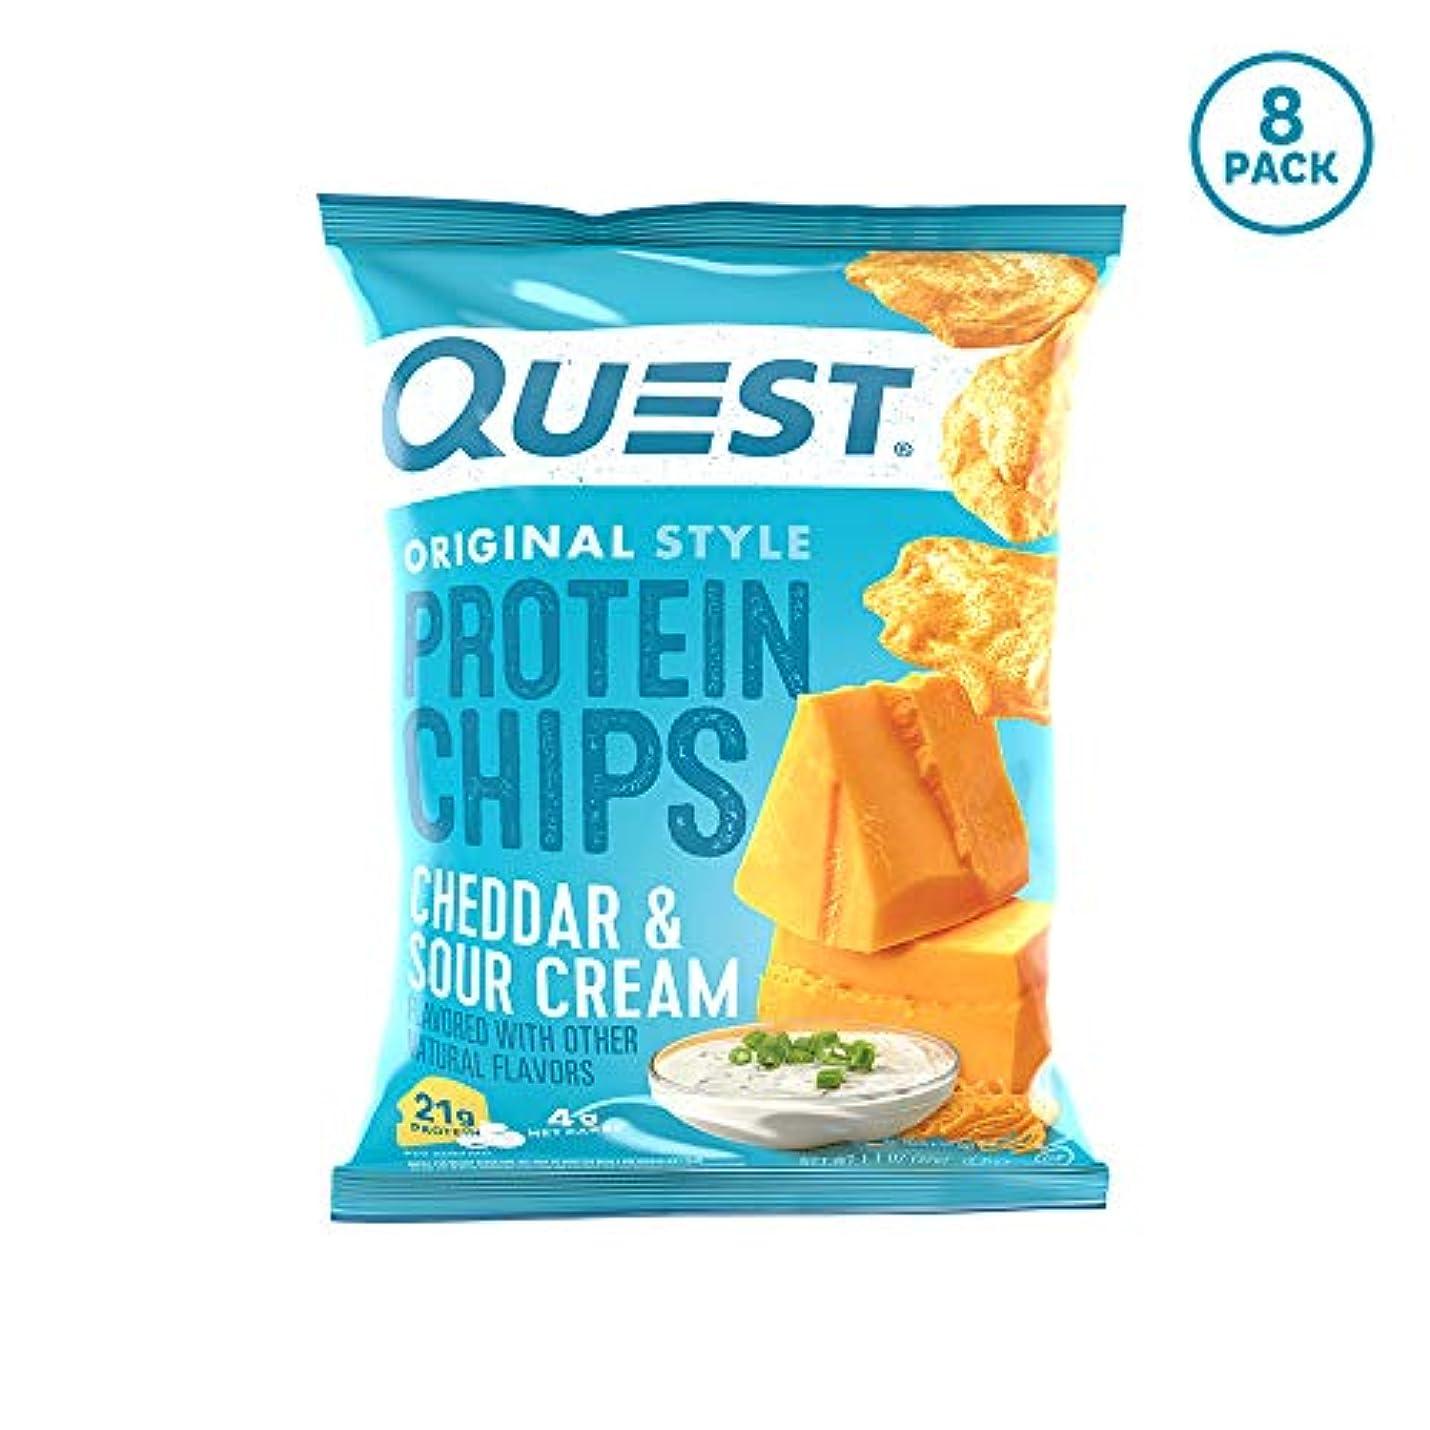 流行ドキュメンタリー意味のあるプロテイン チップス チェダーサワークリーム フレイバー クエスト 8袋セット 並行輸入品 Quest Nutrition Protein Chips Cheddar & Sour Cream Pack of 8 海外直送品